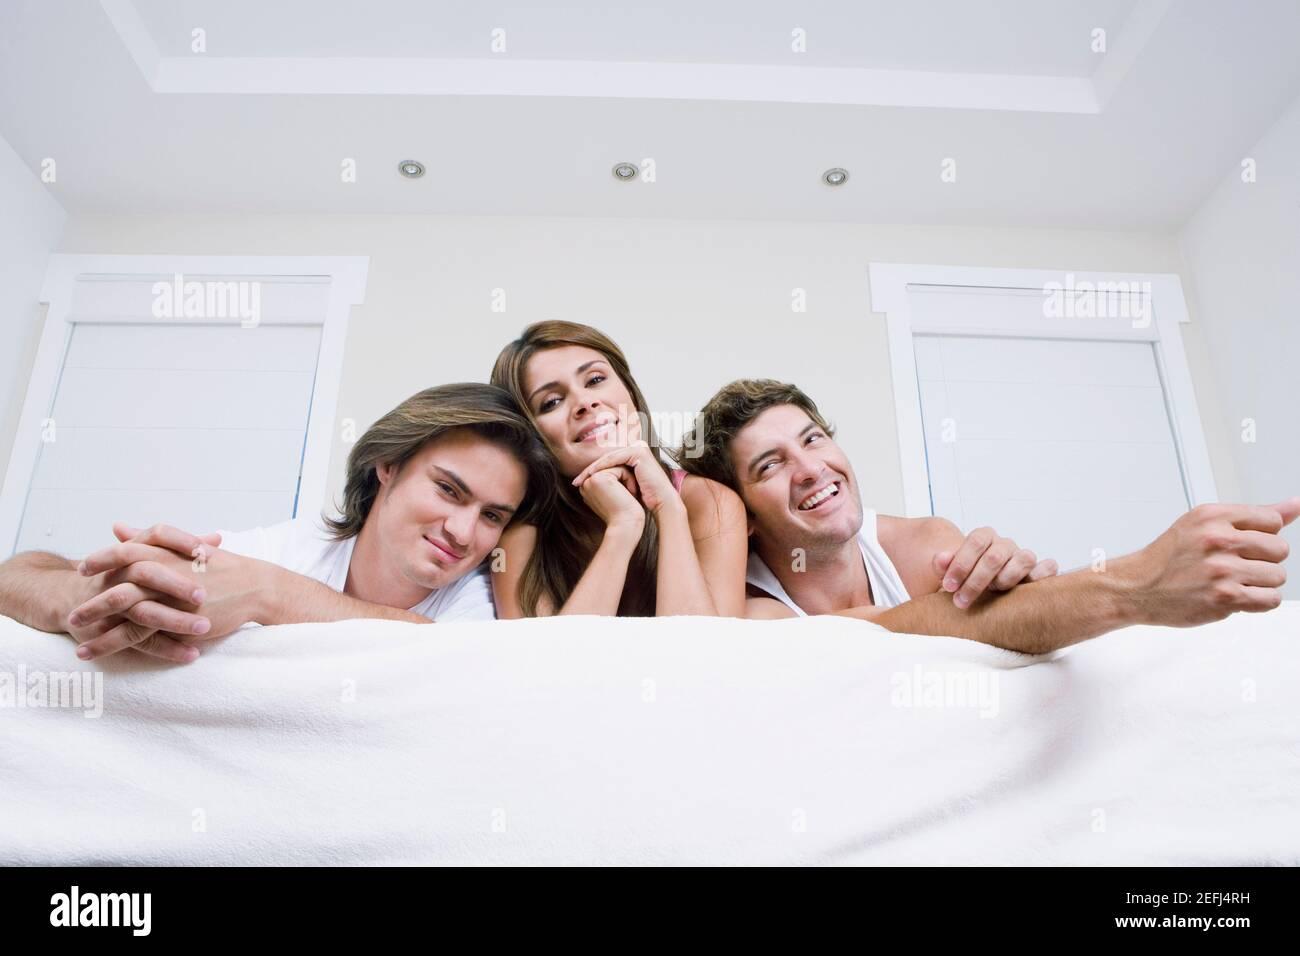 Vista de ángulo bajo de una joven que se encuentra entre dos hombres en la cama Foto de stock